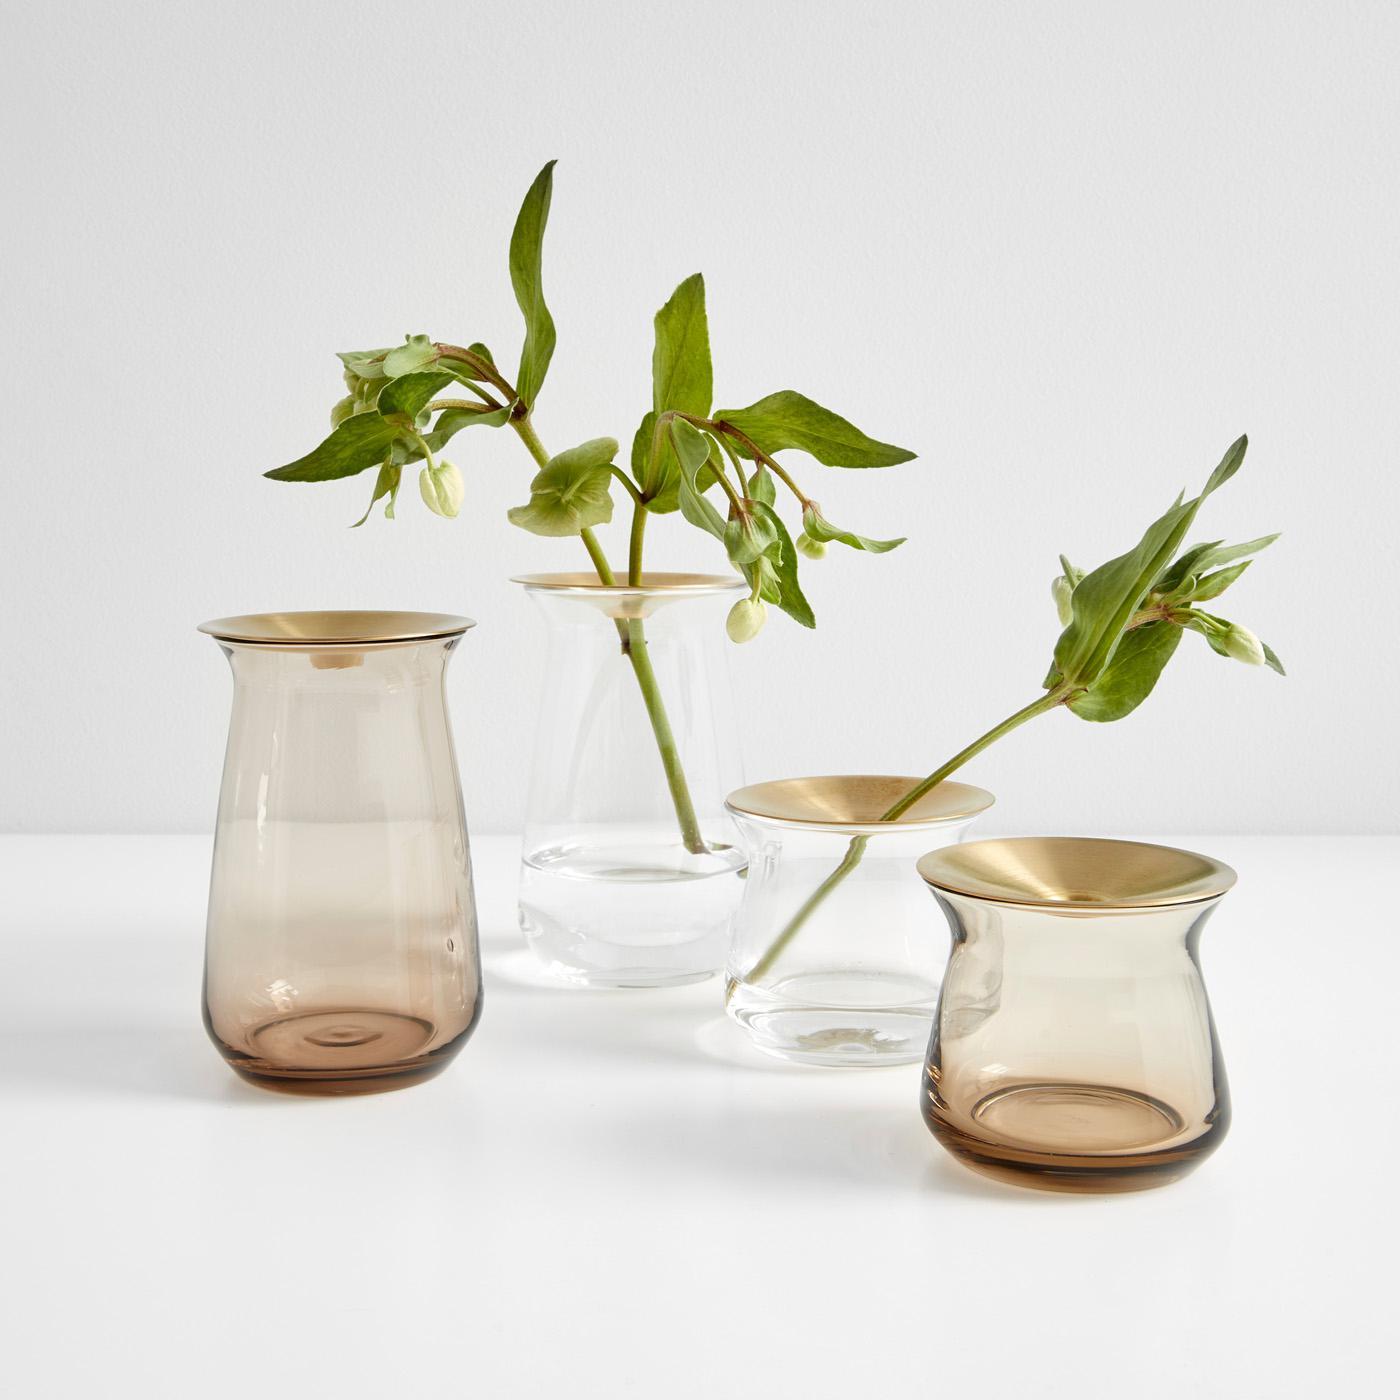 Luna Vases